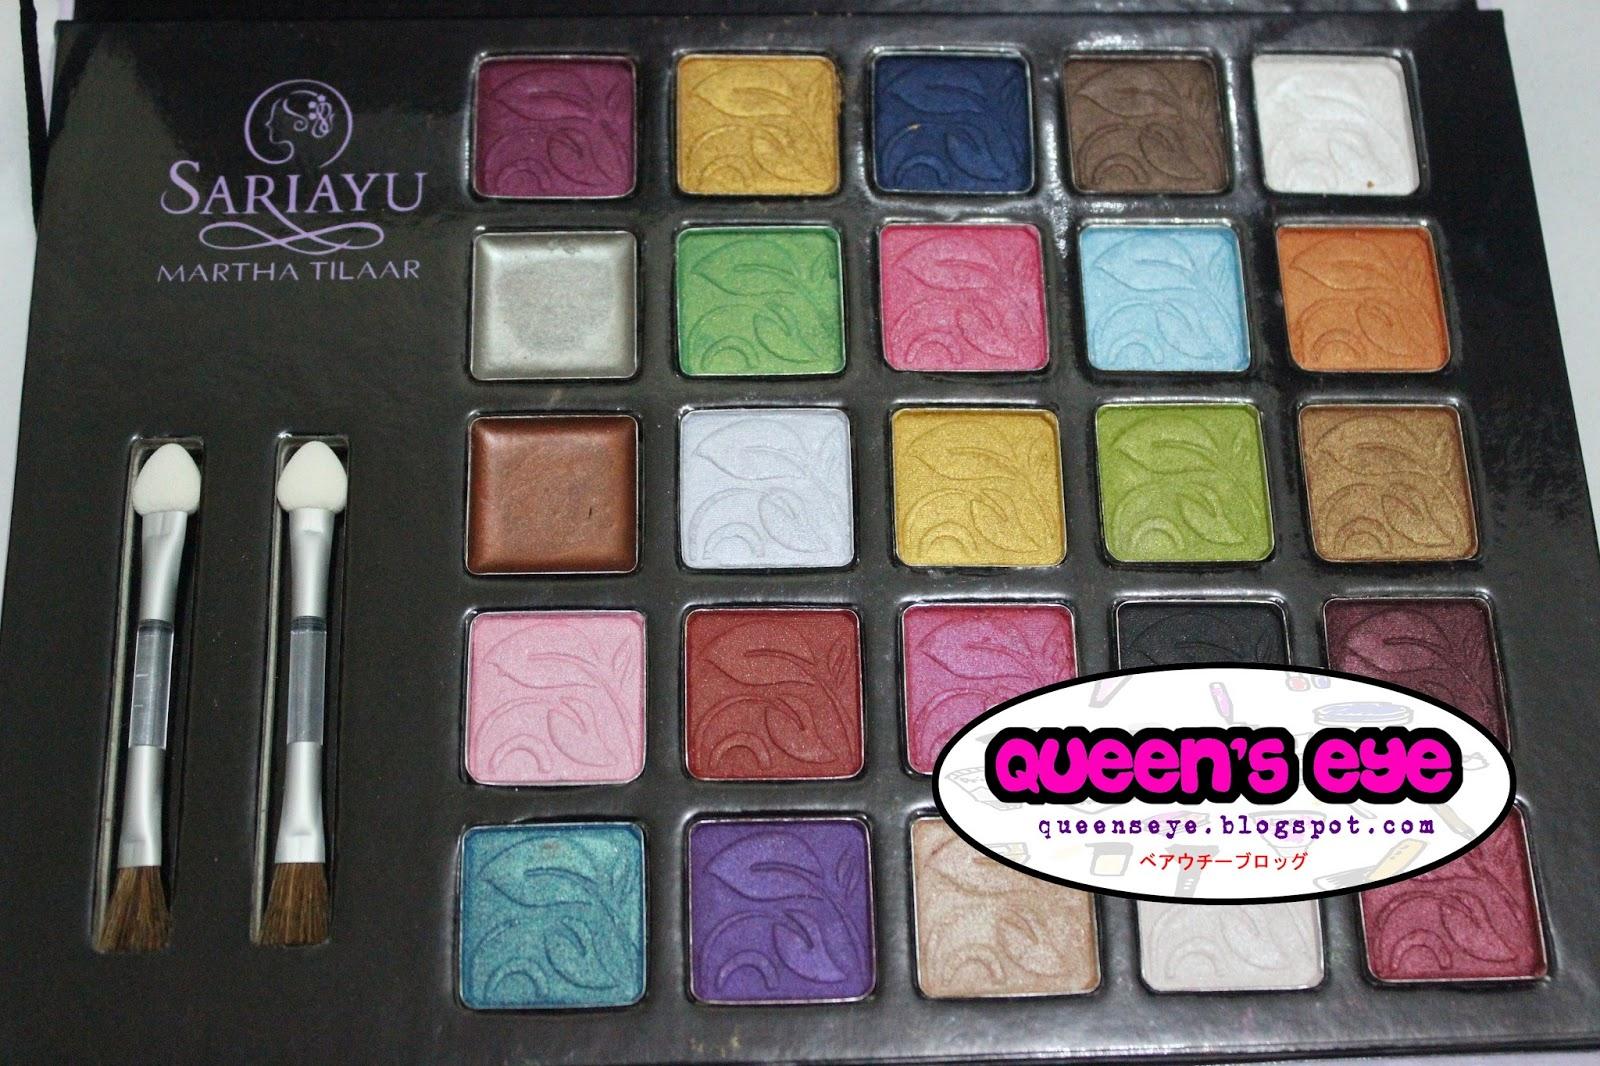 Queens Eye SARI AYU 25th Anniversary Eyeshadow Palette